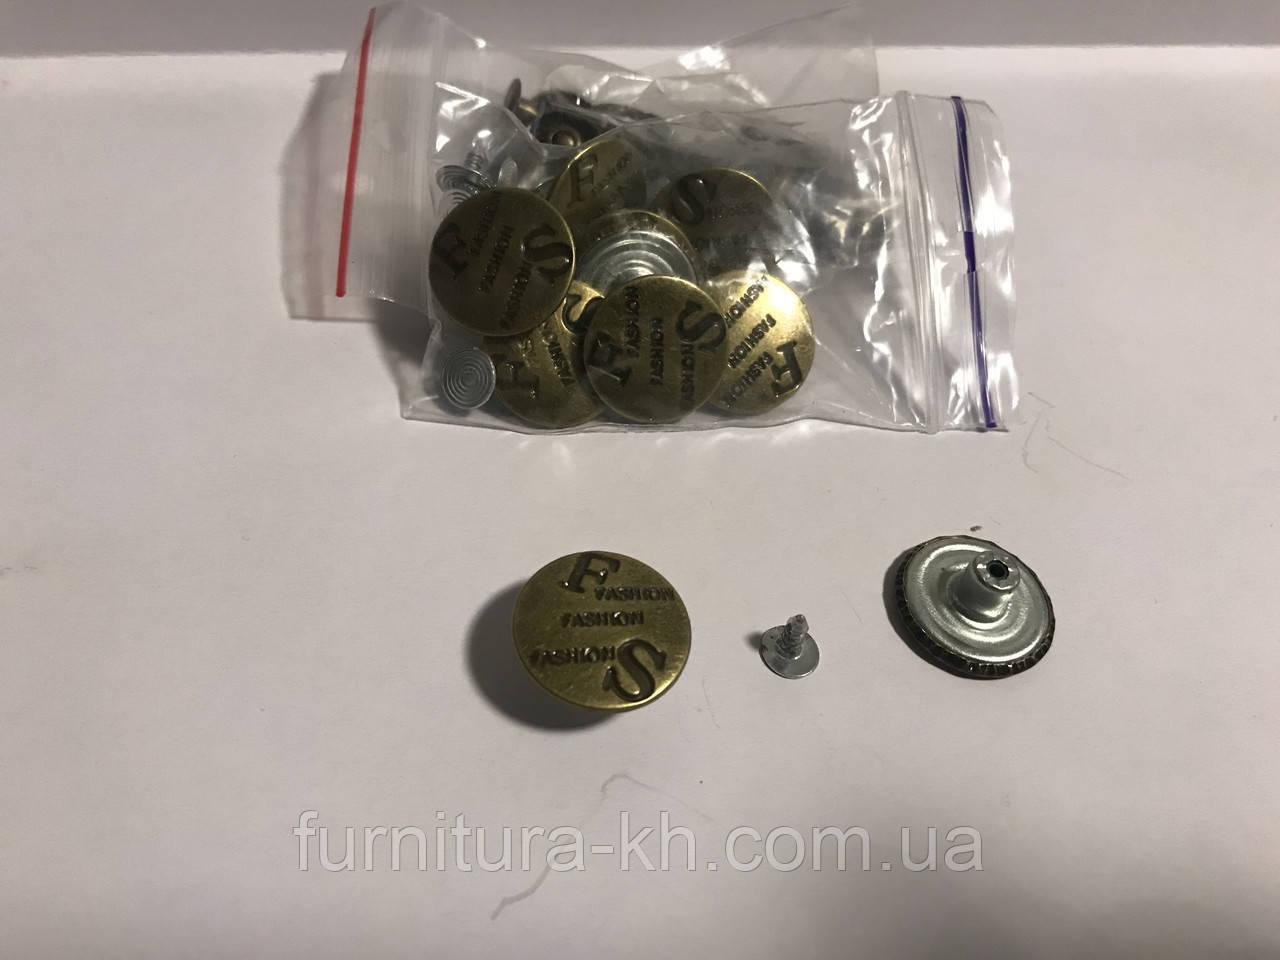 Джинсовые пуговицы (диаметр 20мм) в уп 10шт